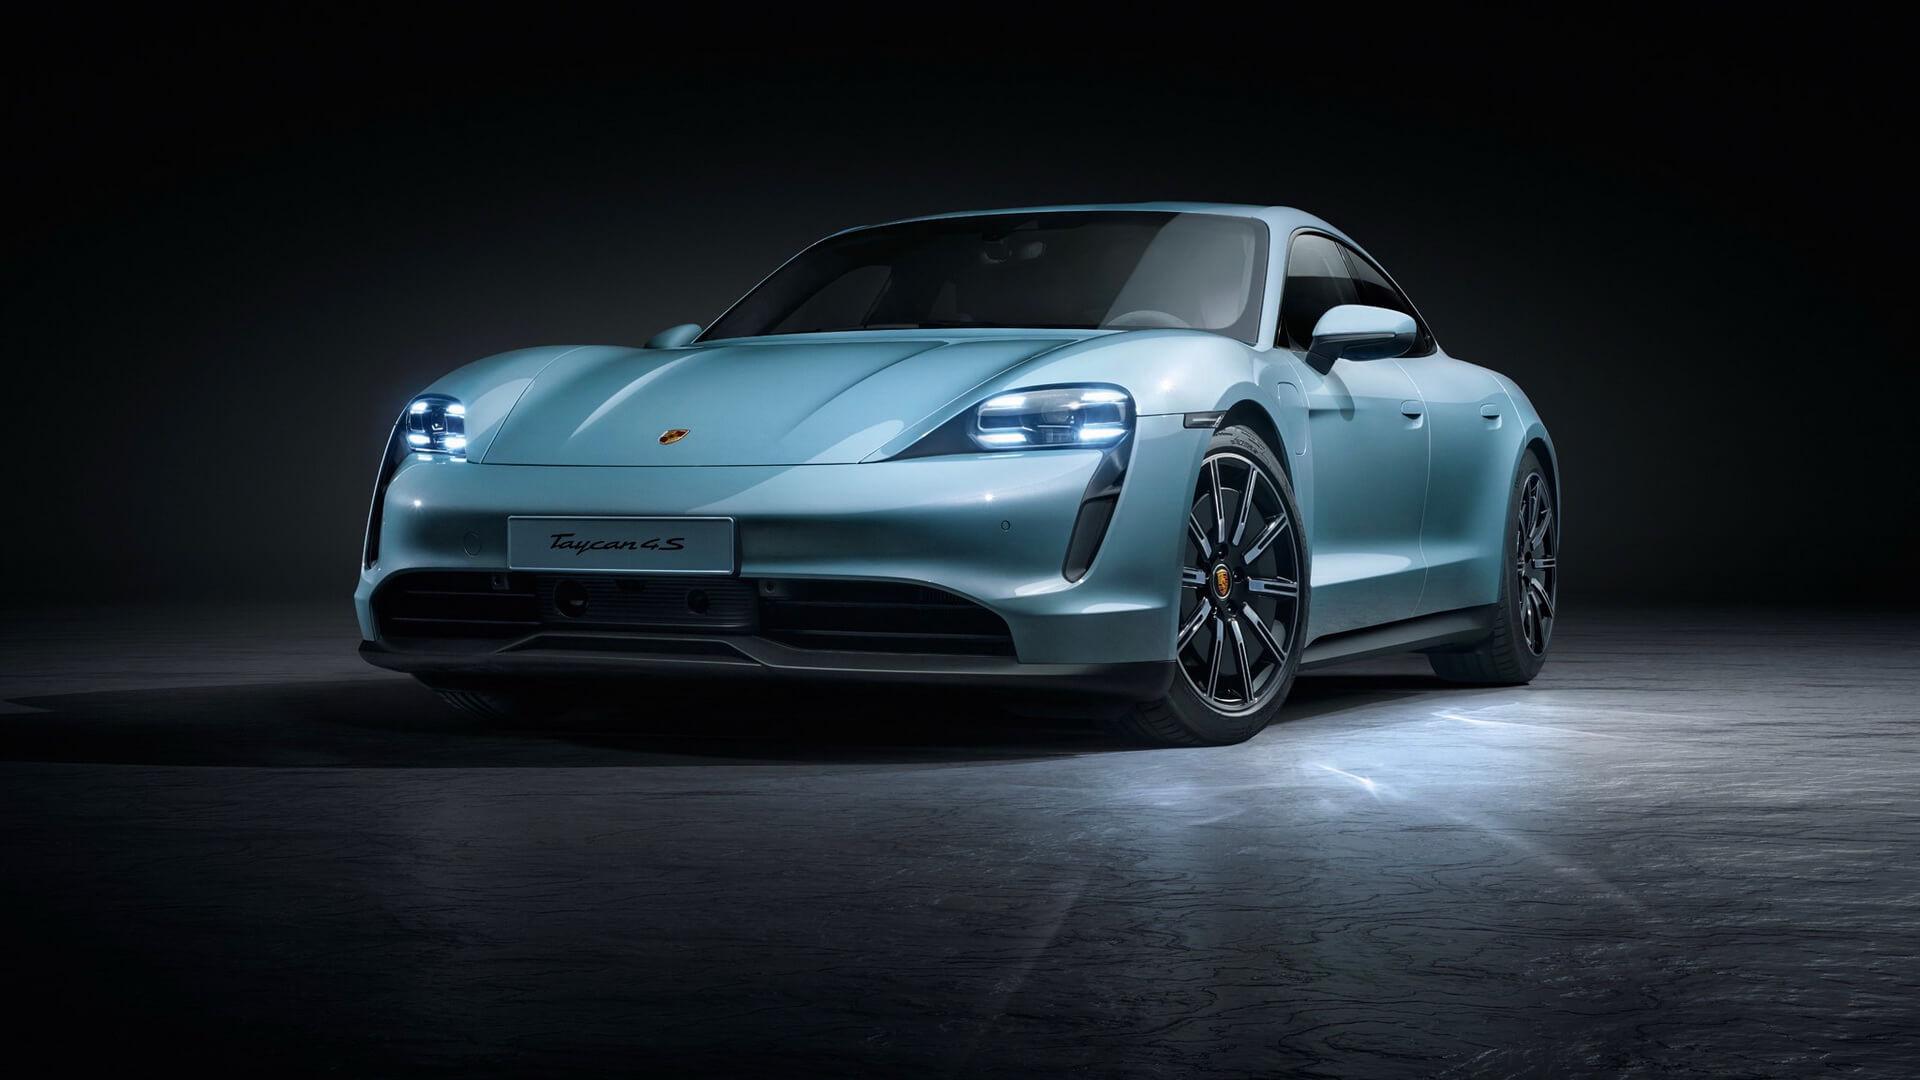 Porsche розширює модельний ряд електричних спортивних автомобілів із Taycan 4S